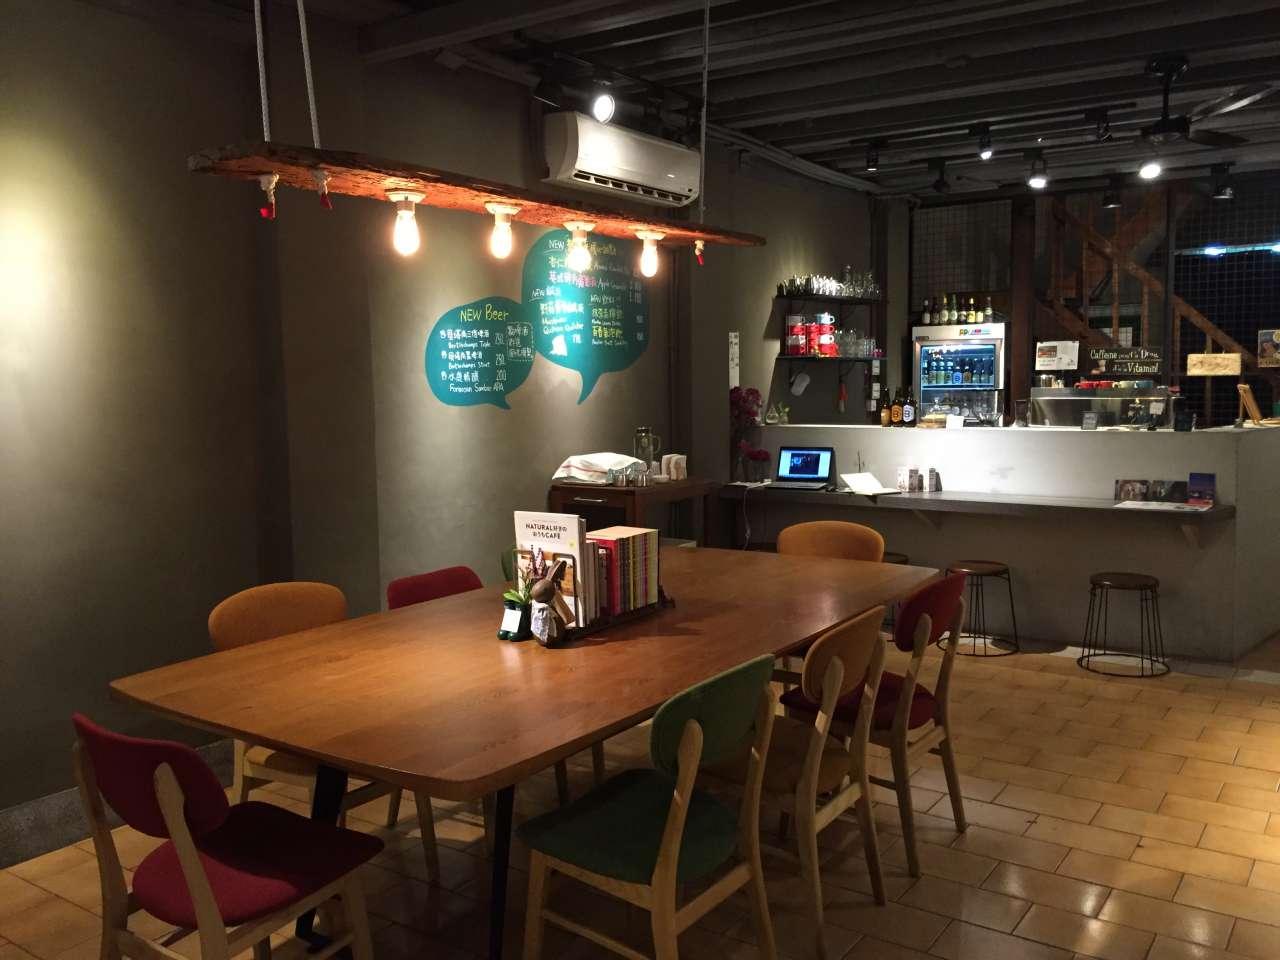 Mys Kaffe ‧ 睦偲咖啡 : 舒適自在的老房子